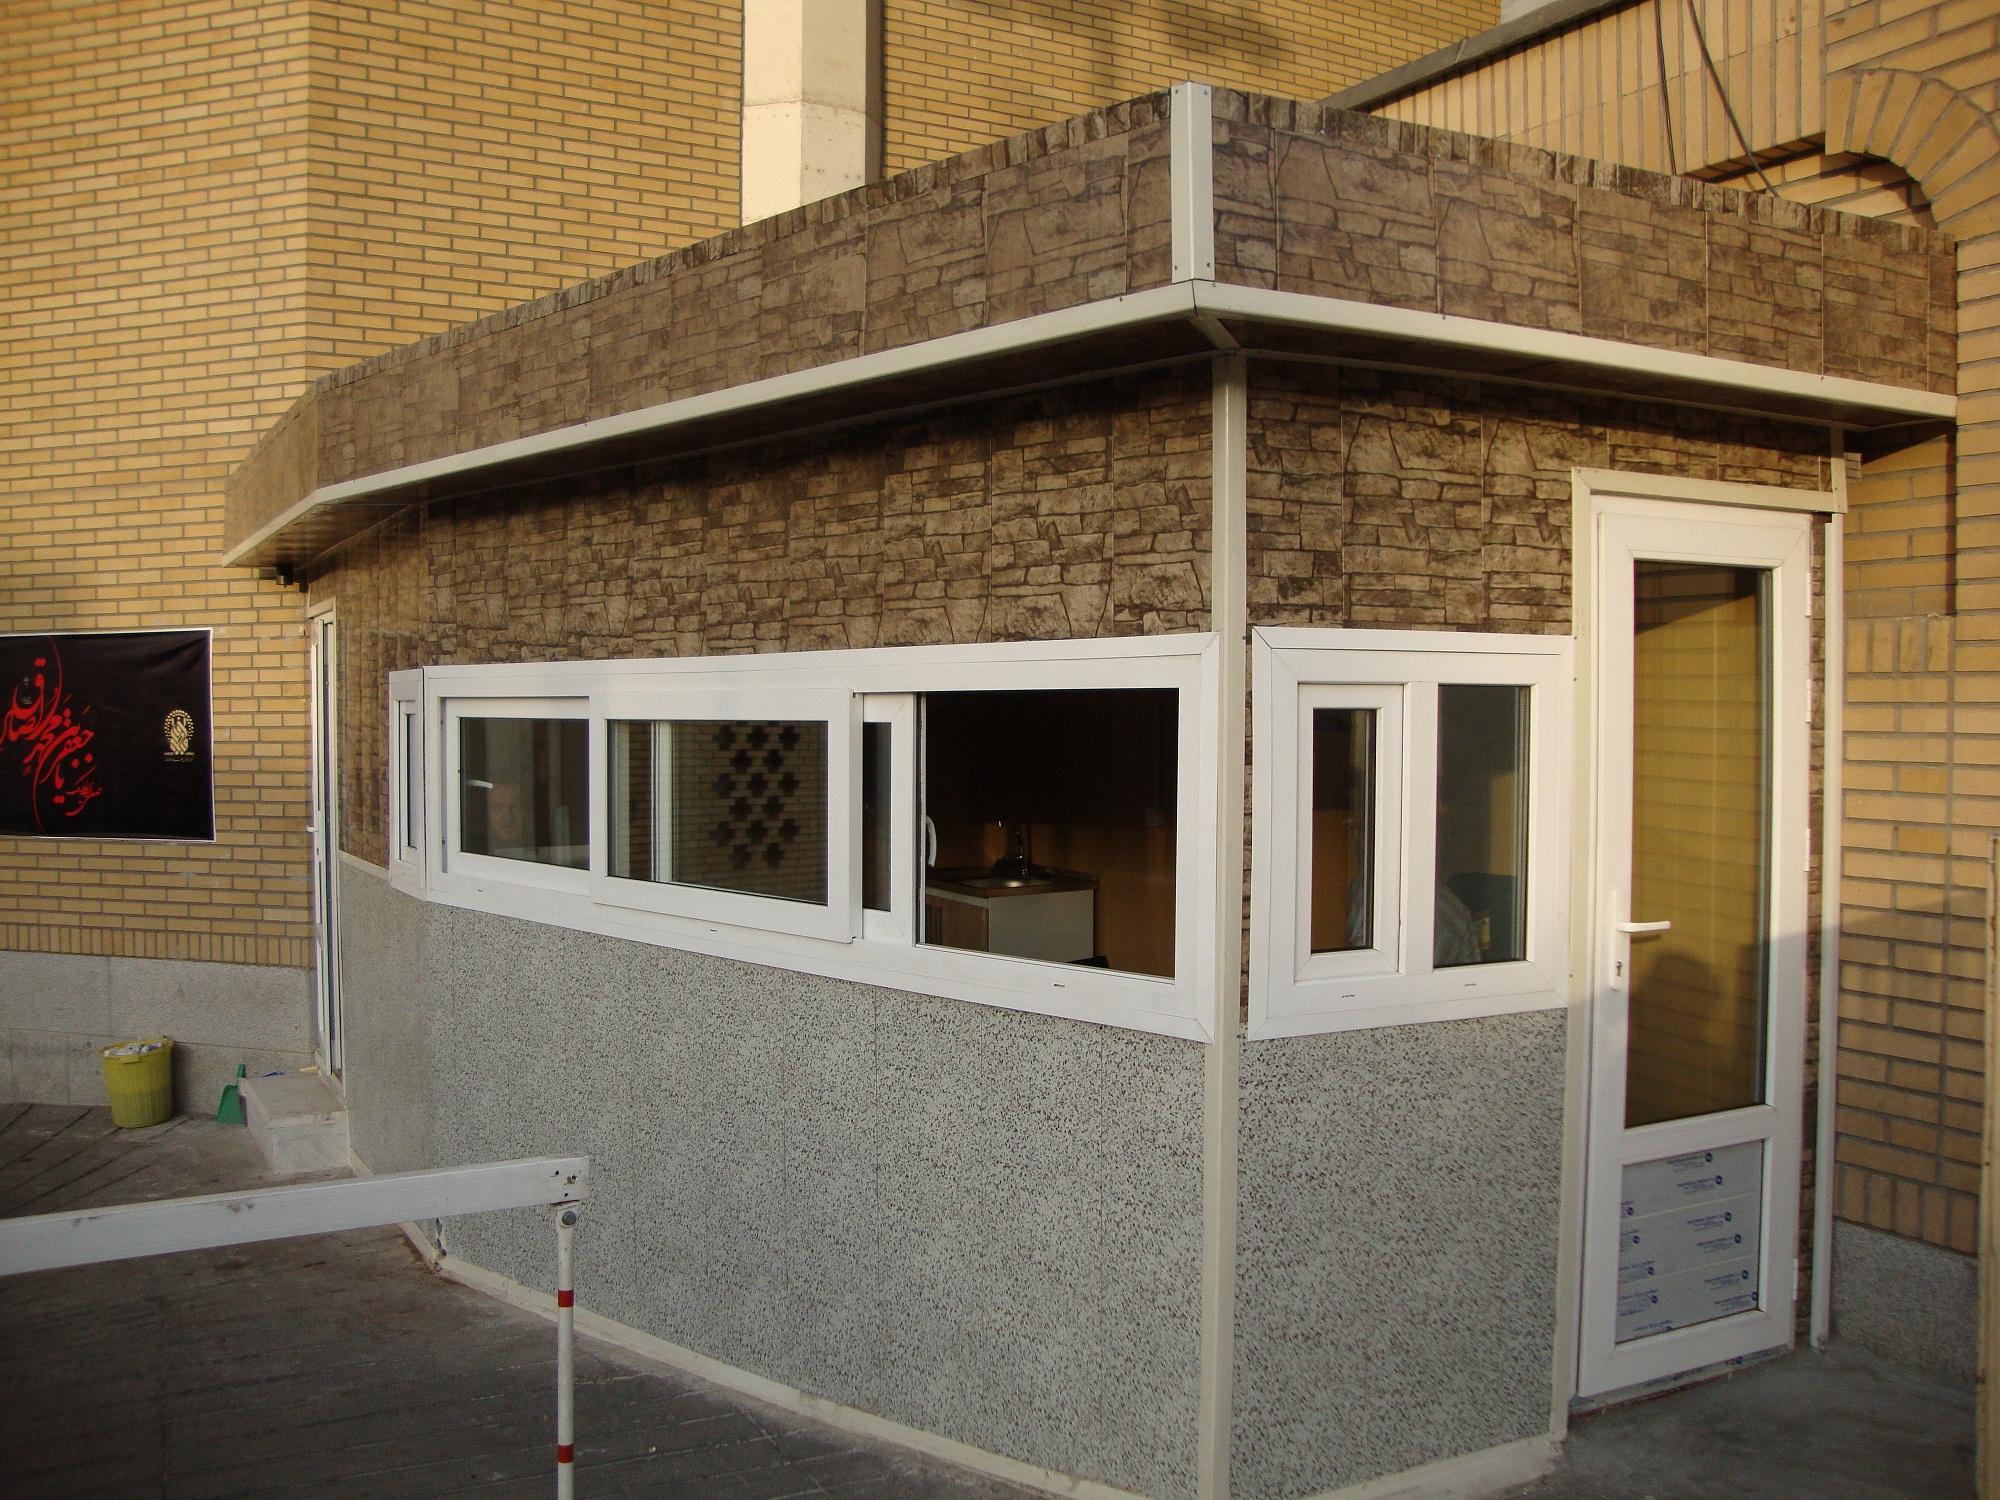 اتاق نگهبانی - نماسازان امروزنوع محصول استفاده شده : ساندویچ پانل دکوراتیو NG2 و NS2 تیپ 1